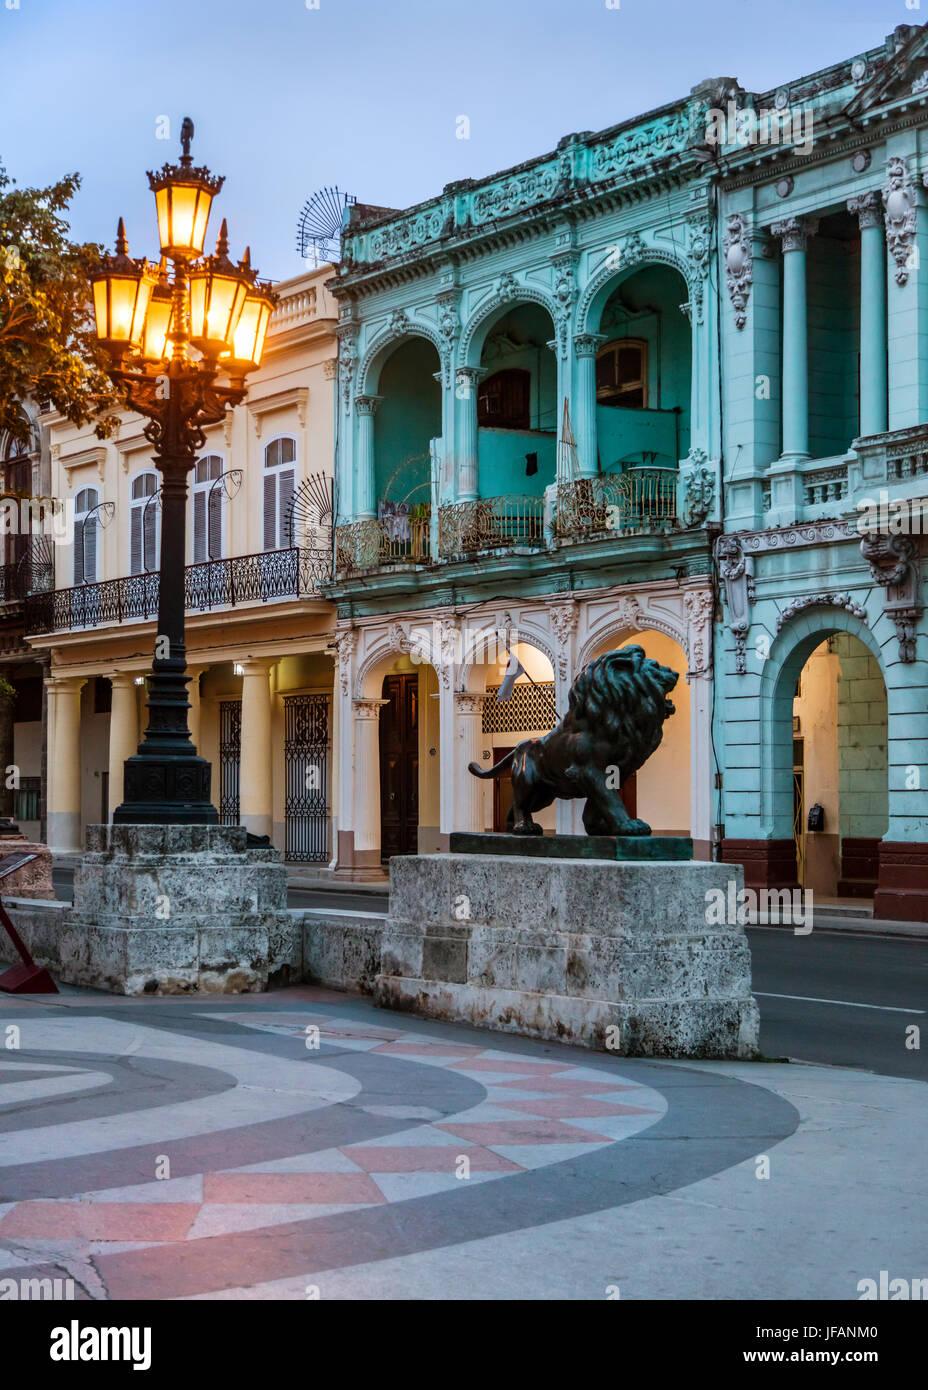 Línea de edificios clásicos del Paseo De Martí, conocido como el Museo del Prado, LA HABANA, CUBA Foto de stock